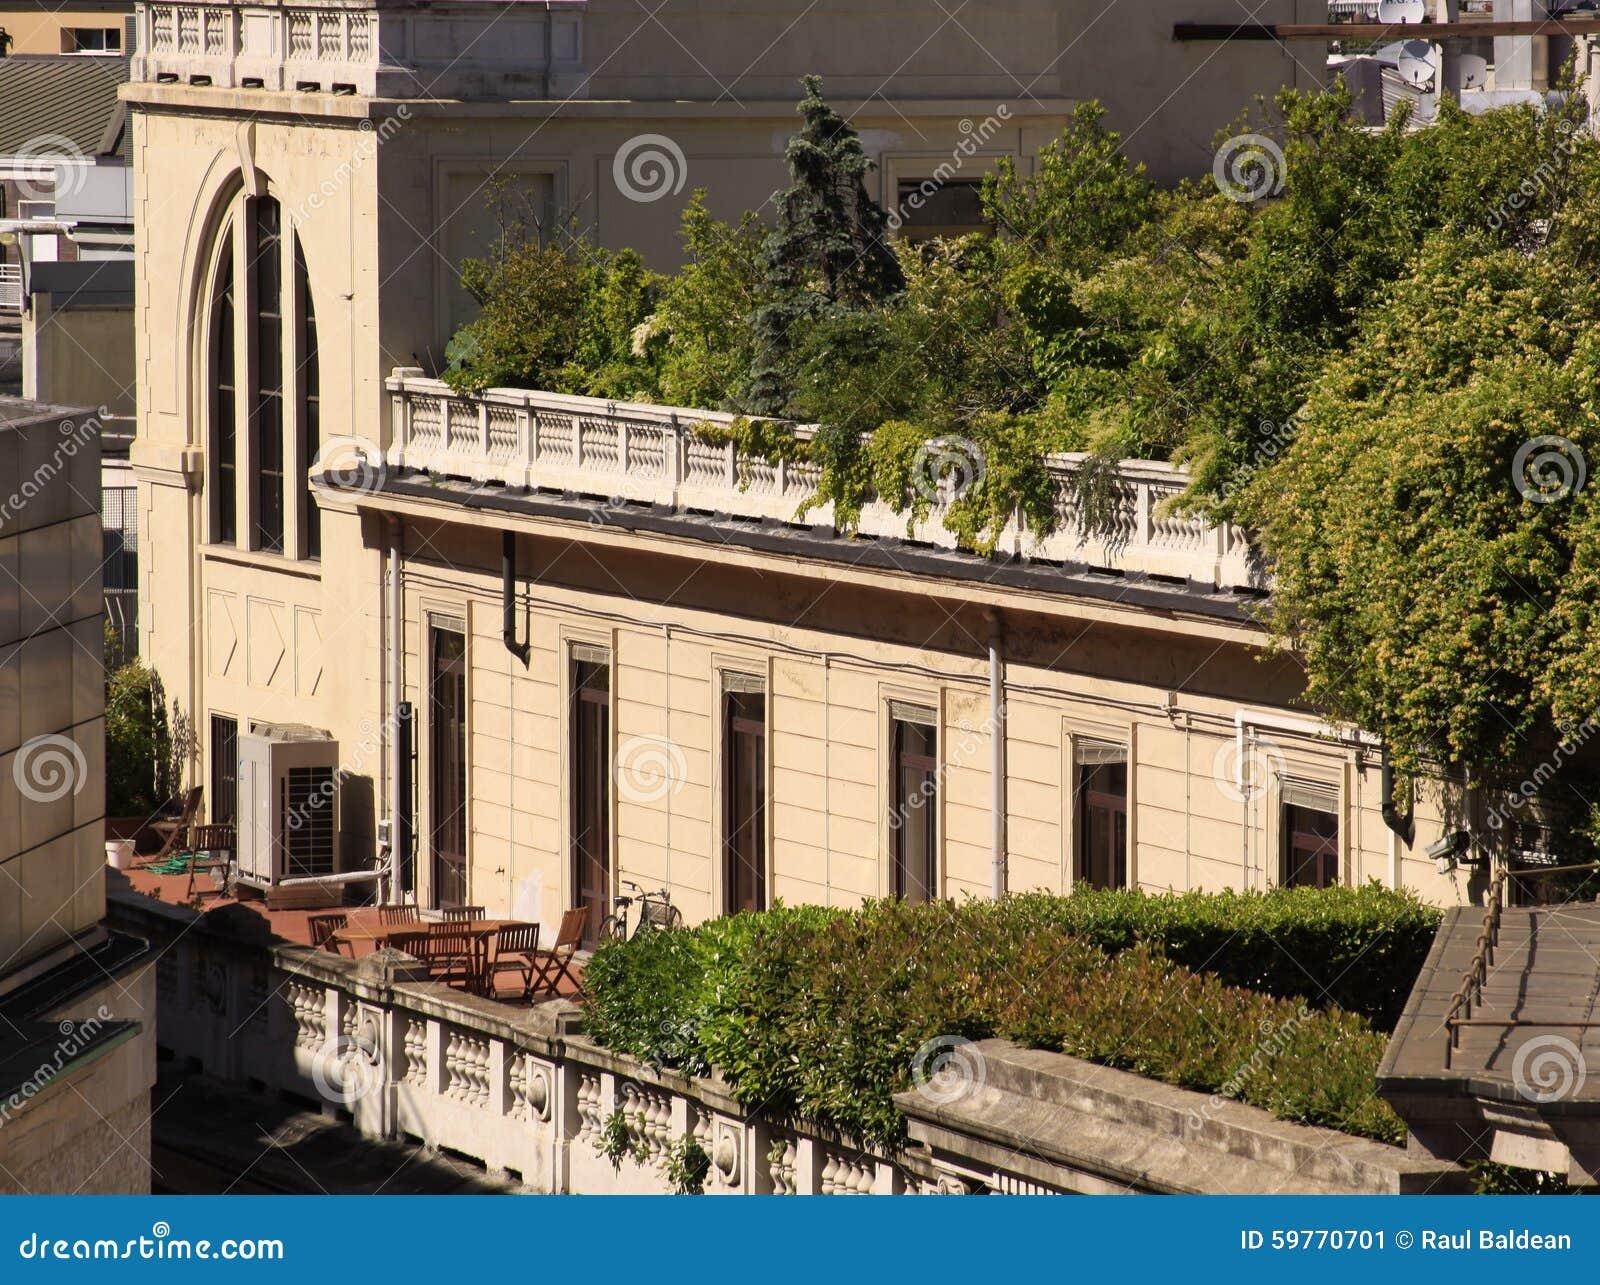 Grune Oase Auf Dem Balkon Stockbild Bild Von Bewolkt 59770701